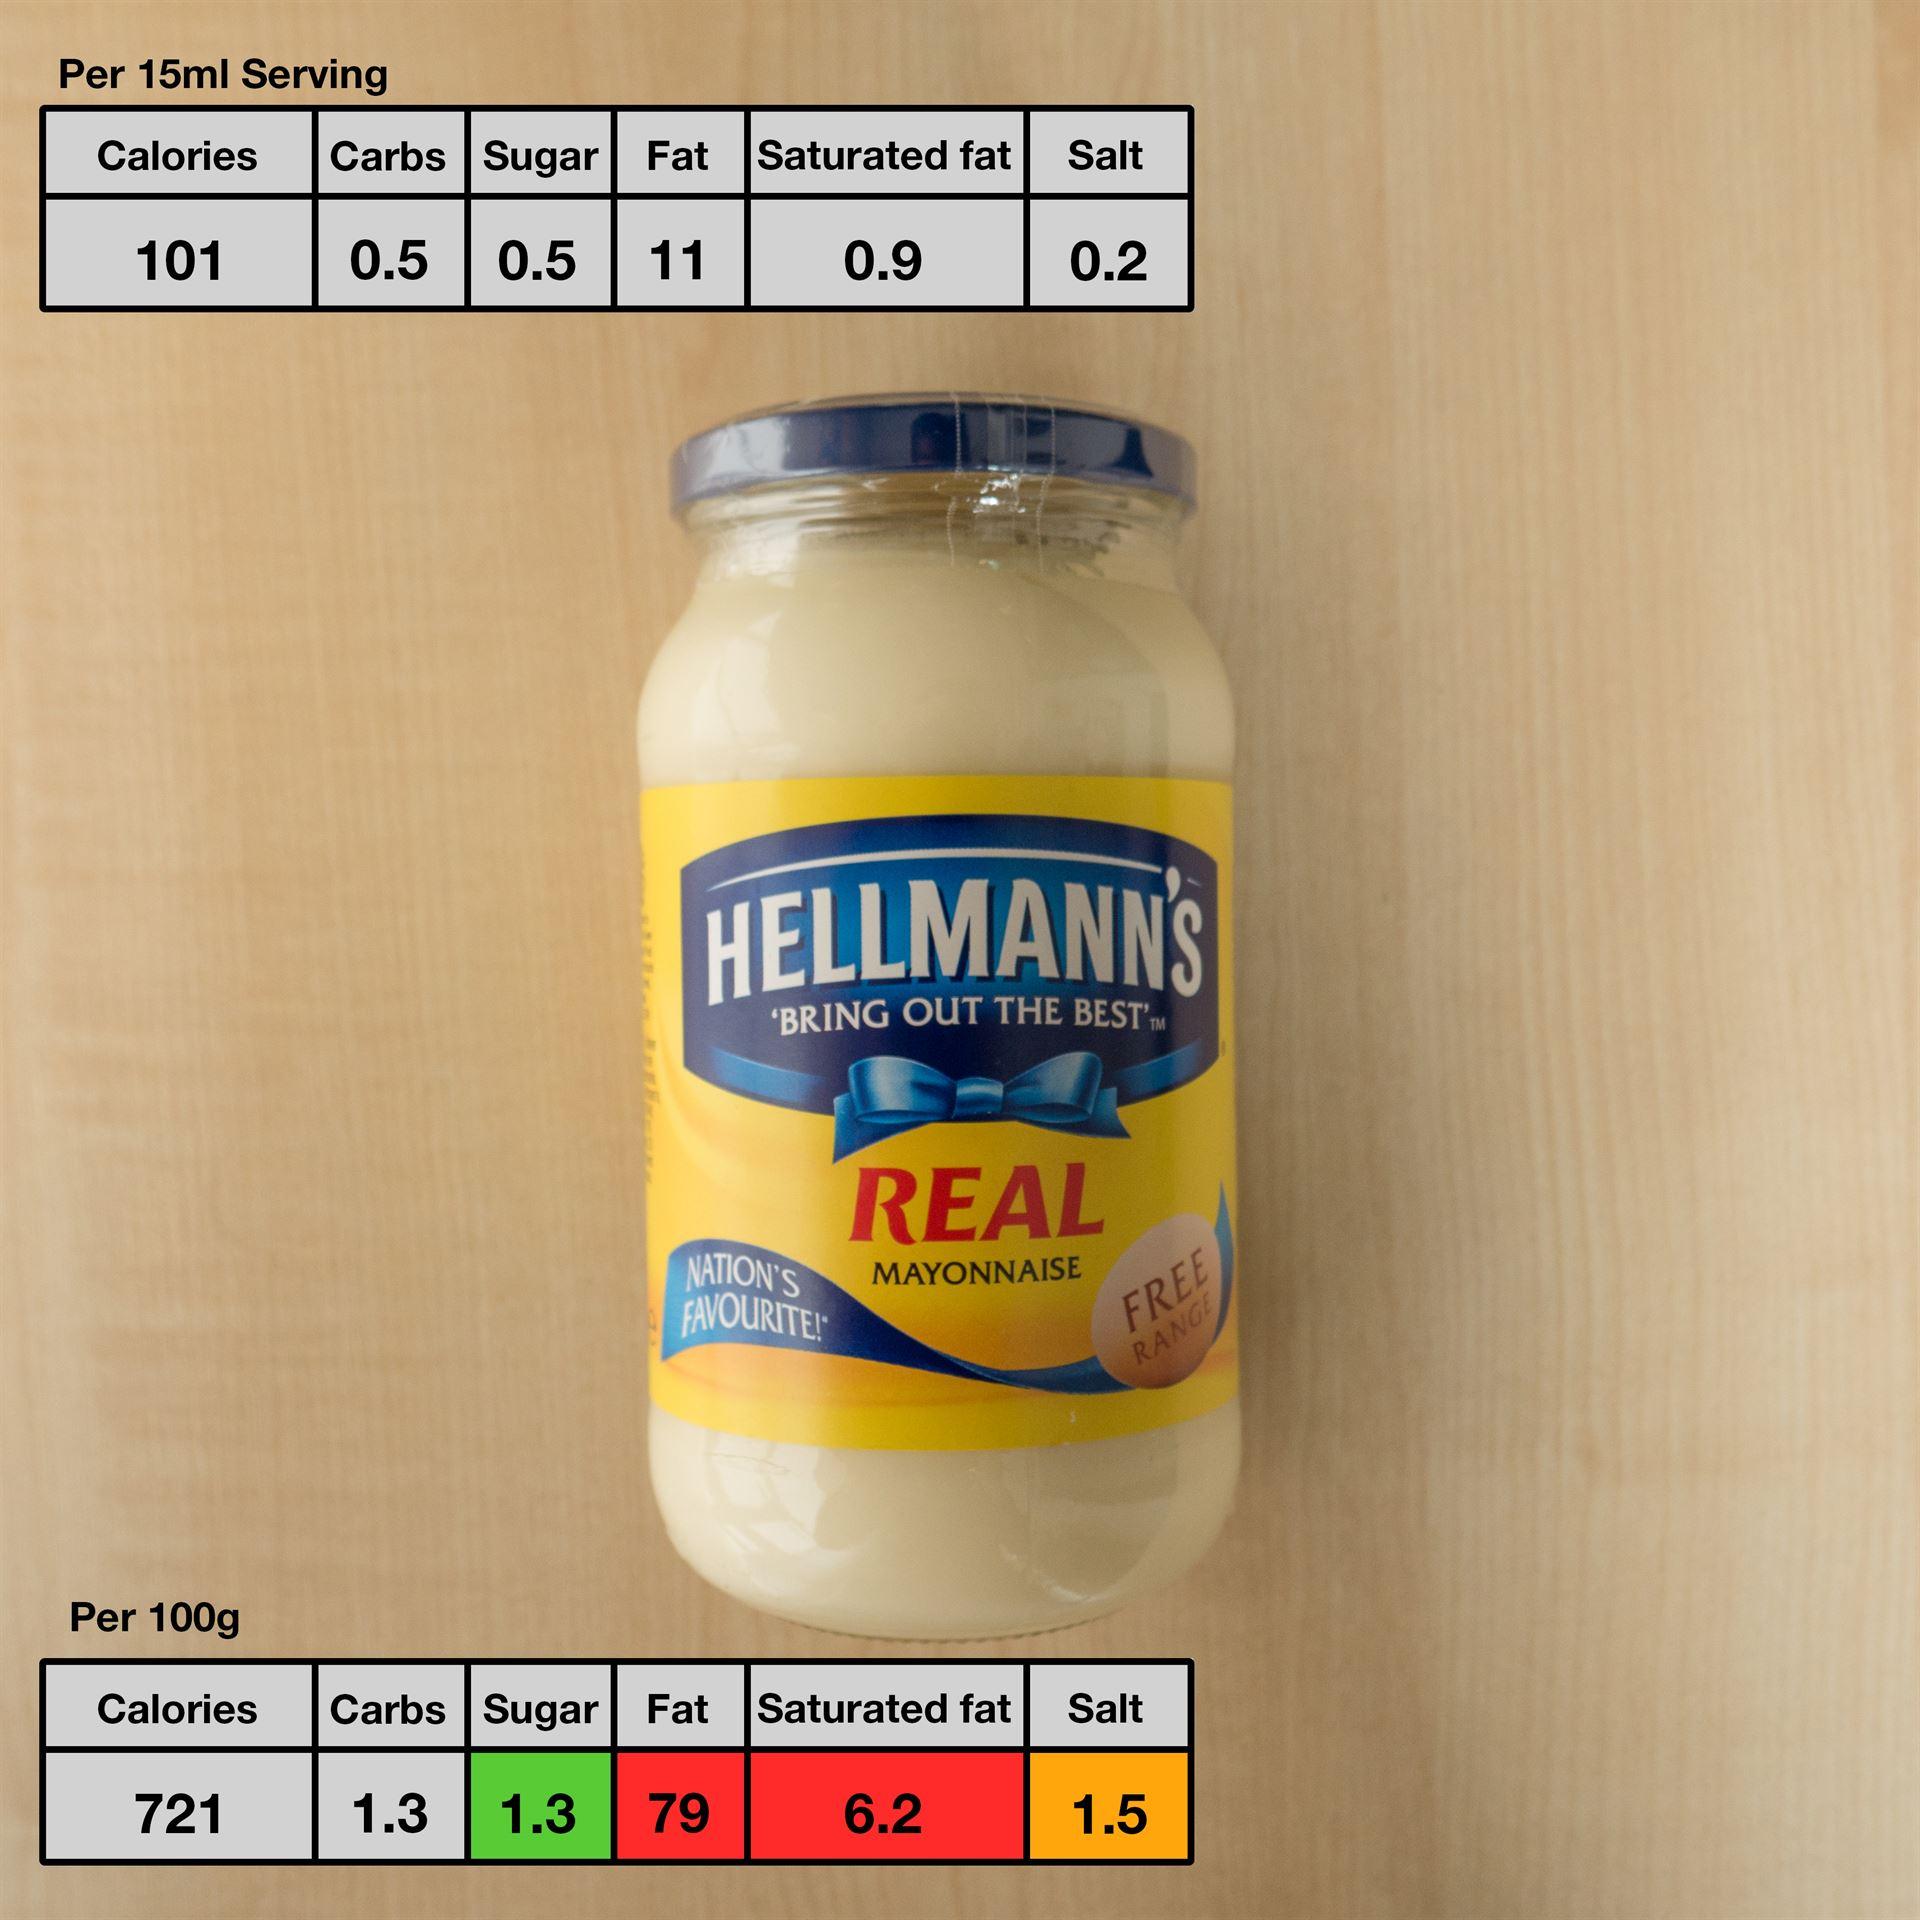 Hellman%e2%80%99s%20Real%20Mayonnaise22.jpg